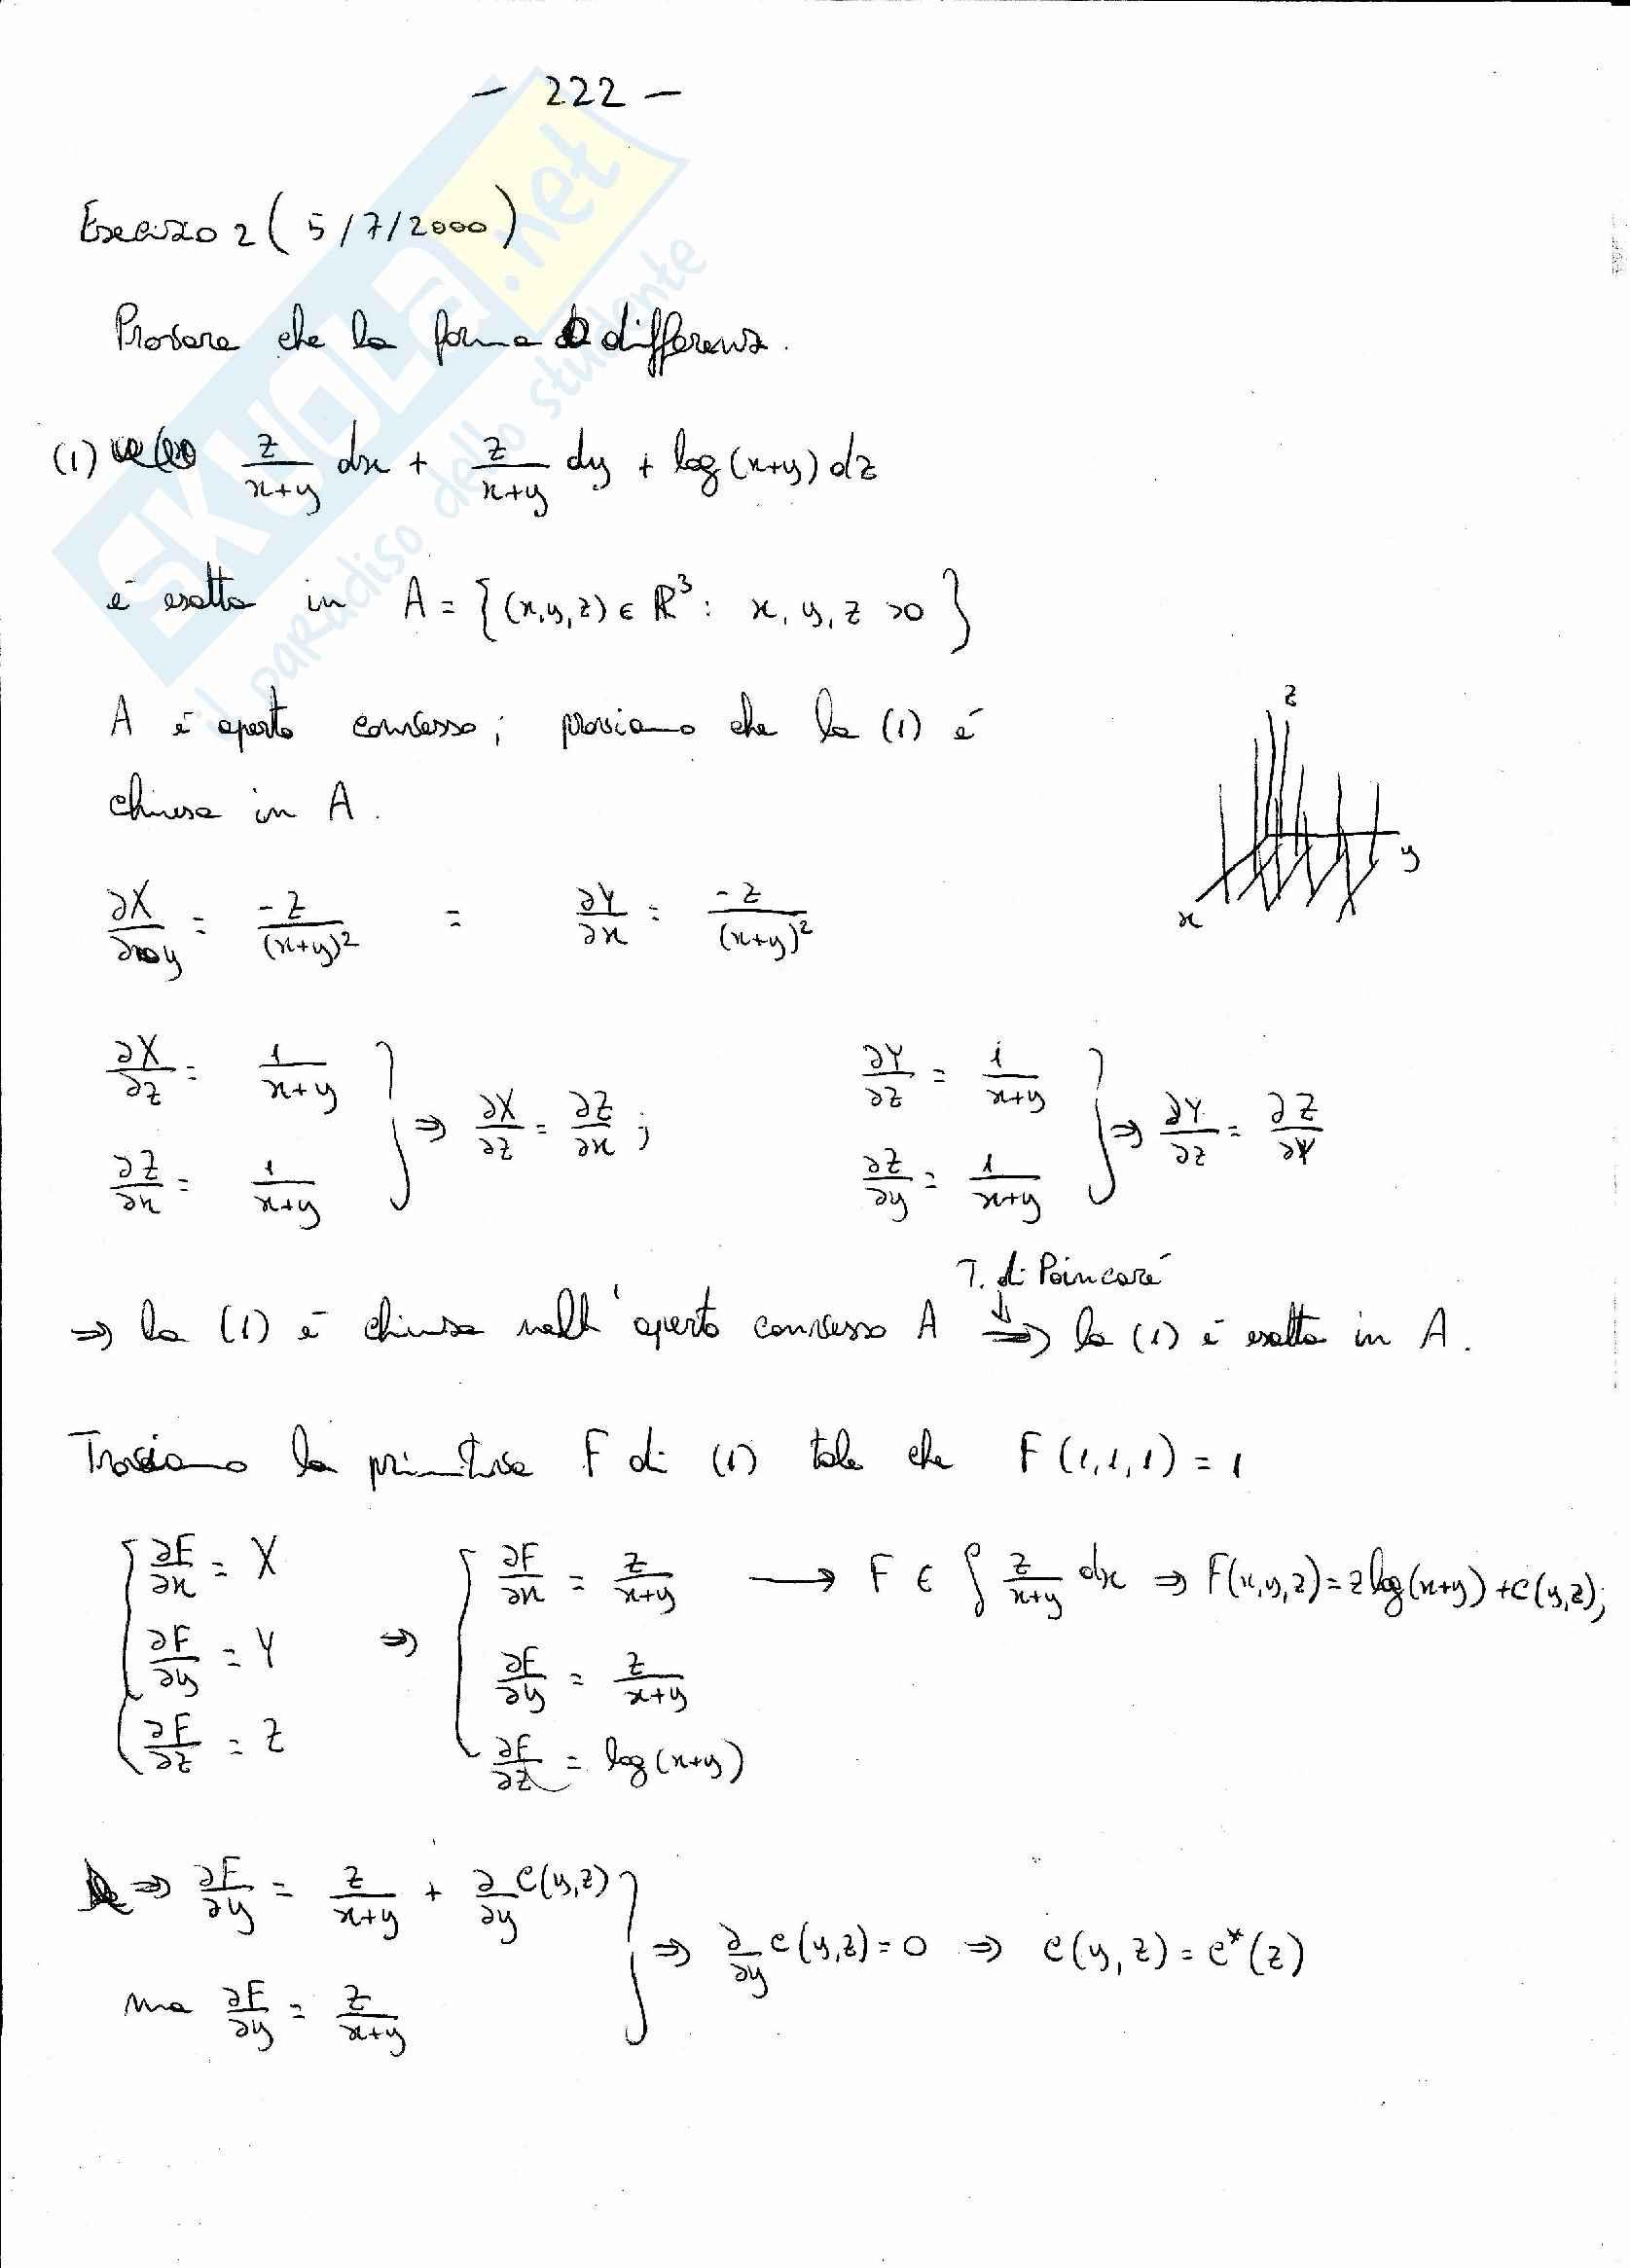 Analisi matematica 2 - l'integrale di Lebesgue per le funzioni di segno qualsiasi Pag. 6